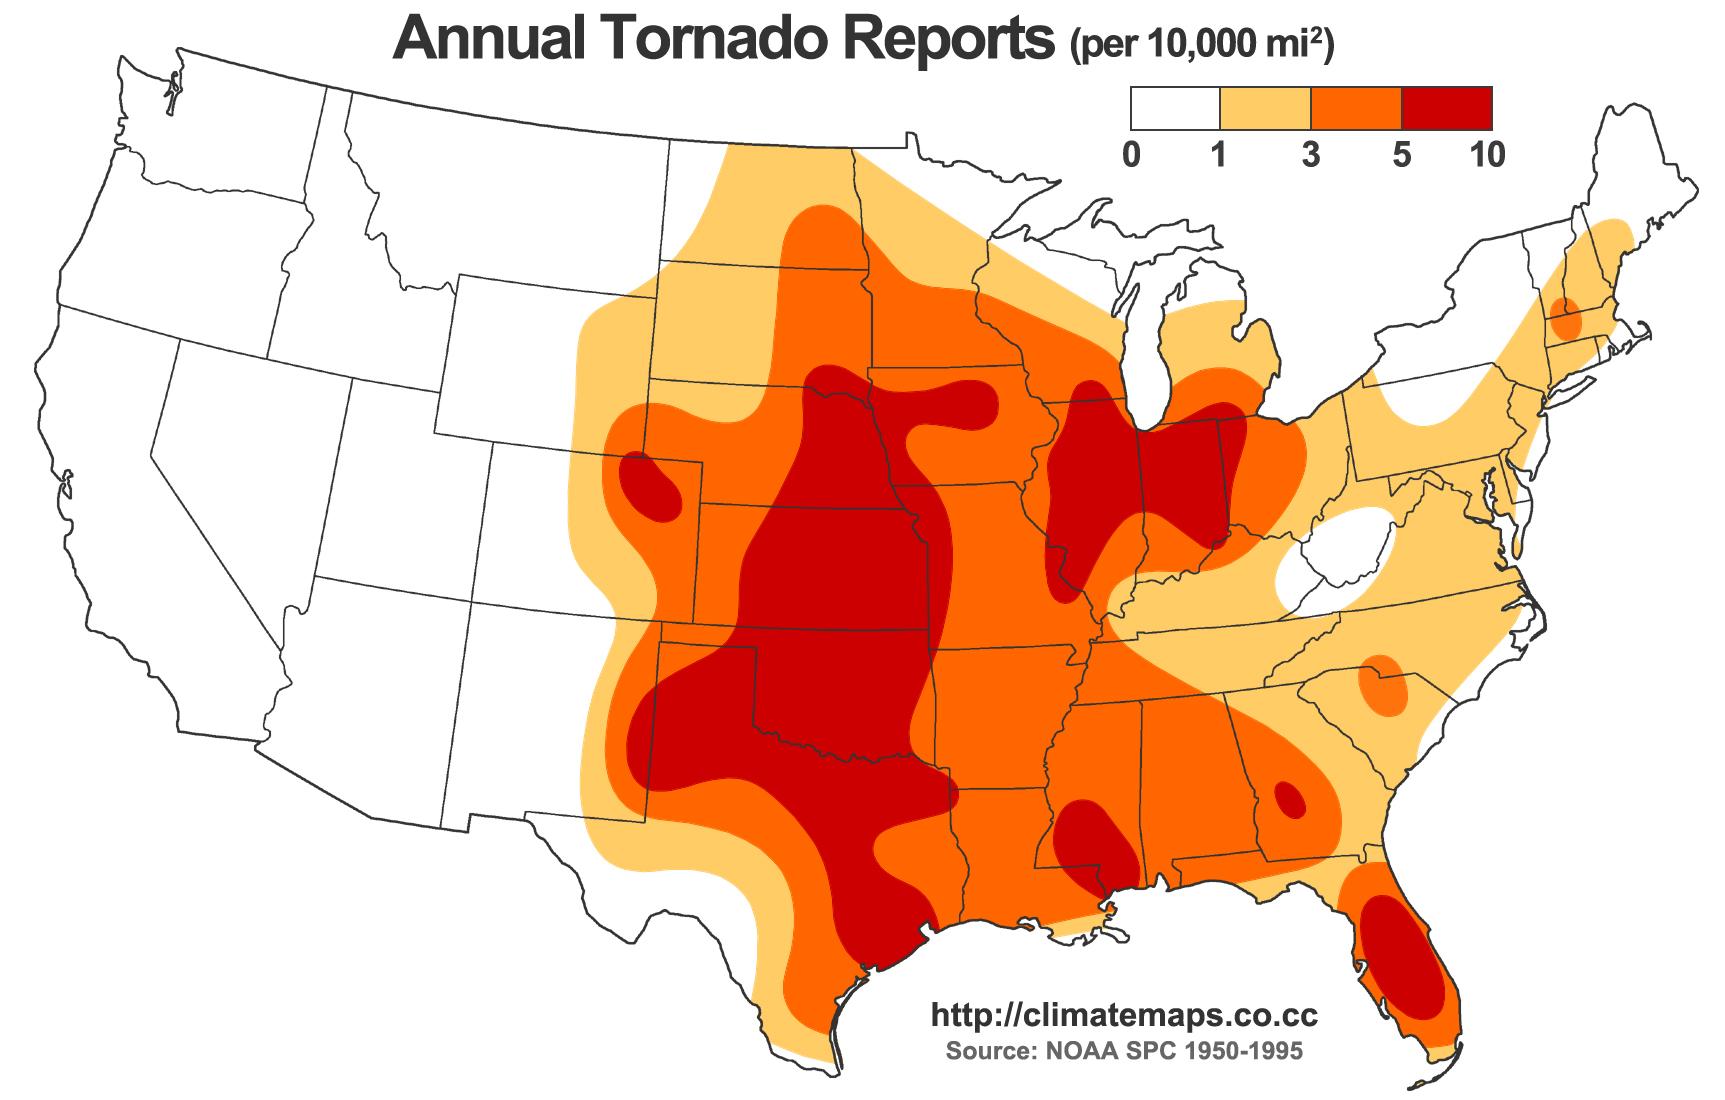 Texas Tornado Facts